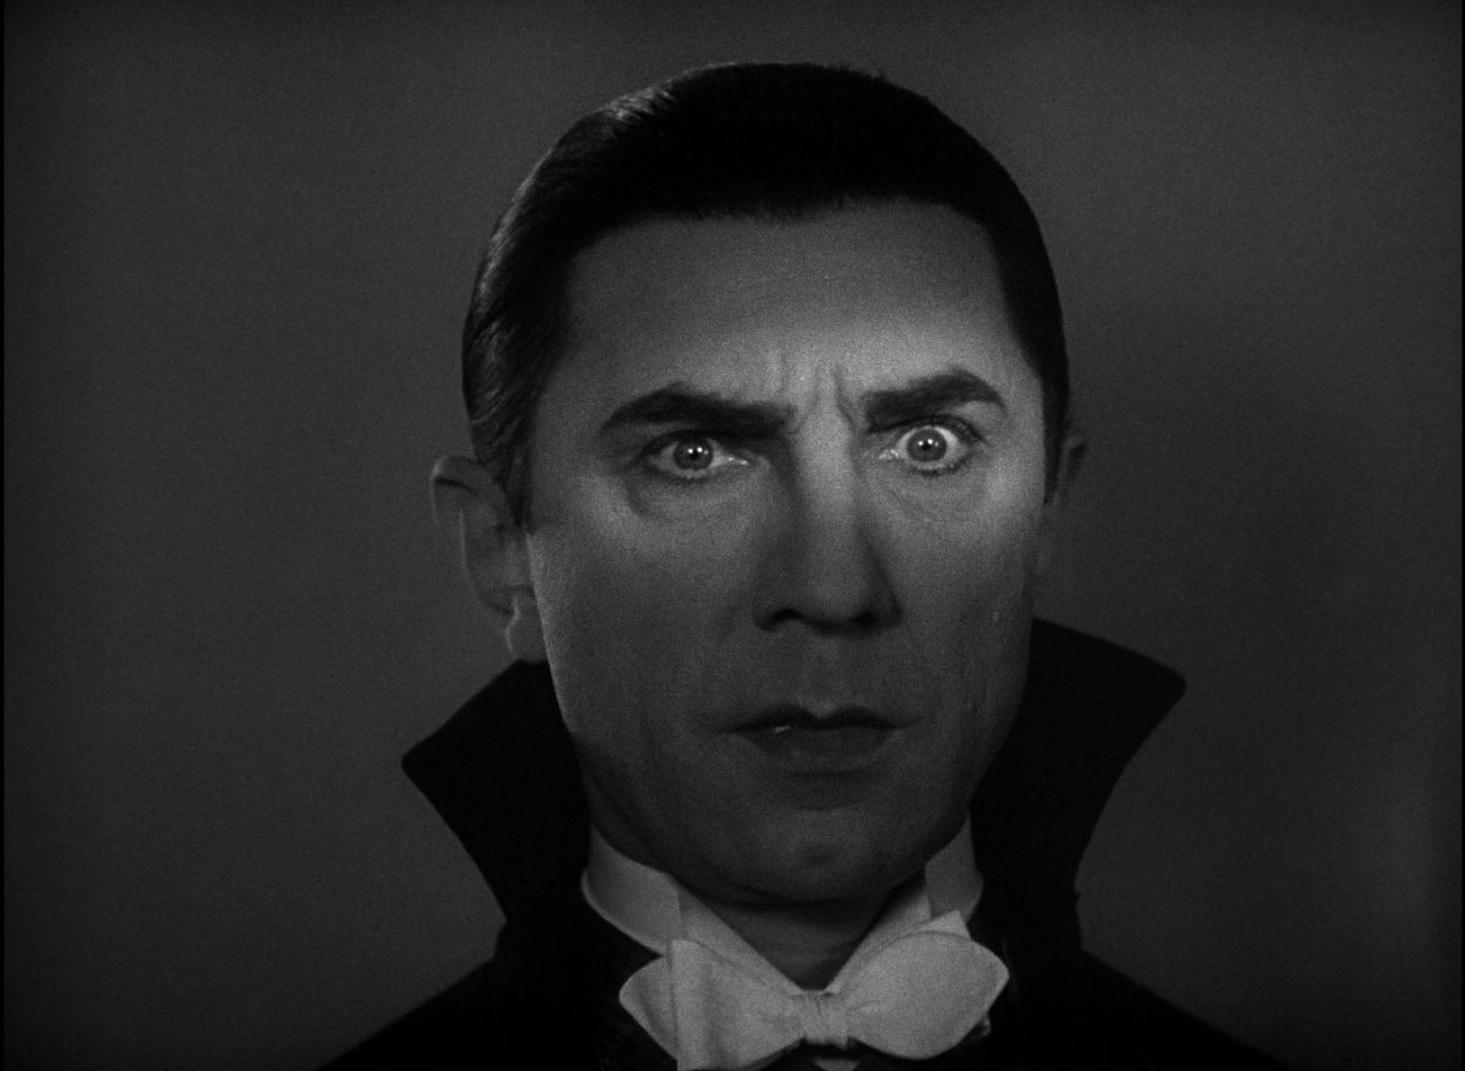 Dracula interpretado por Bela Lugosi. Teria sido inspirado em um homem excêntrico